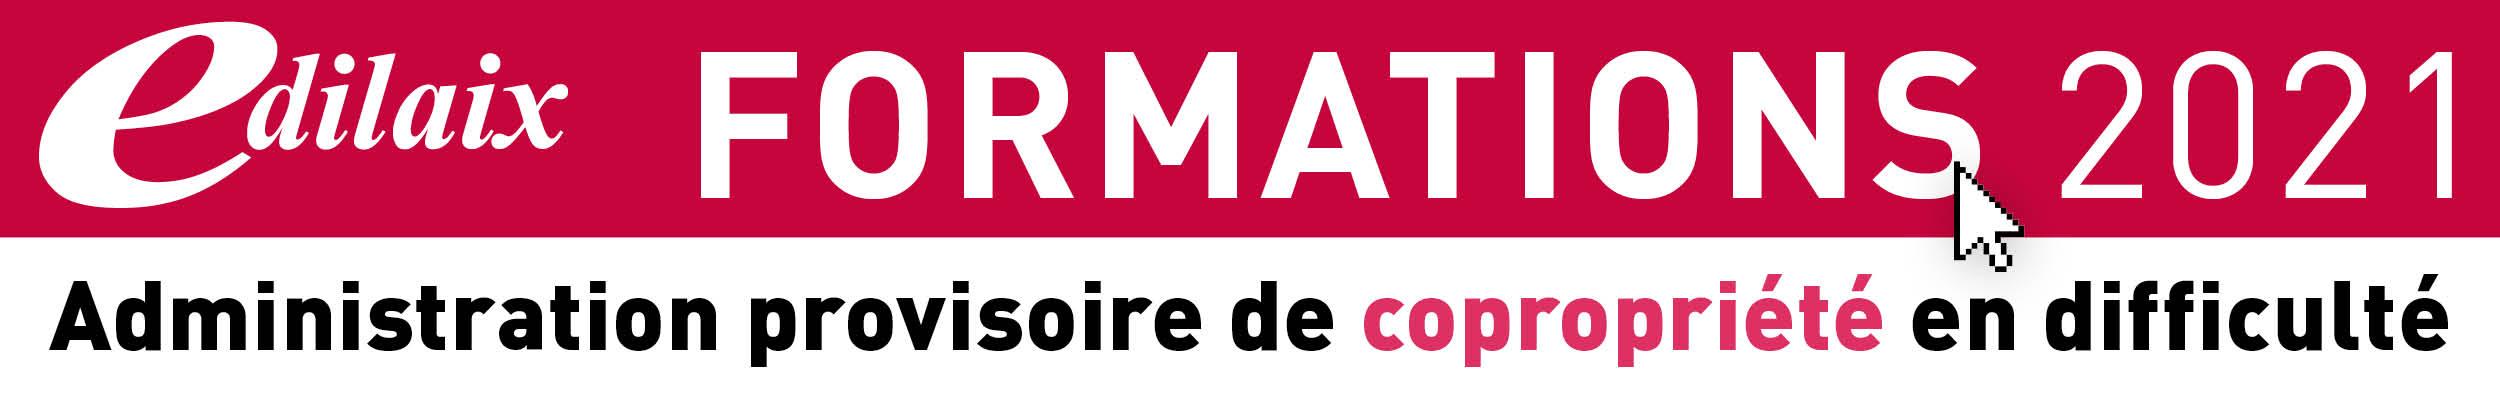 Copropriété - formation administration provisoire